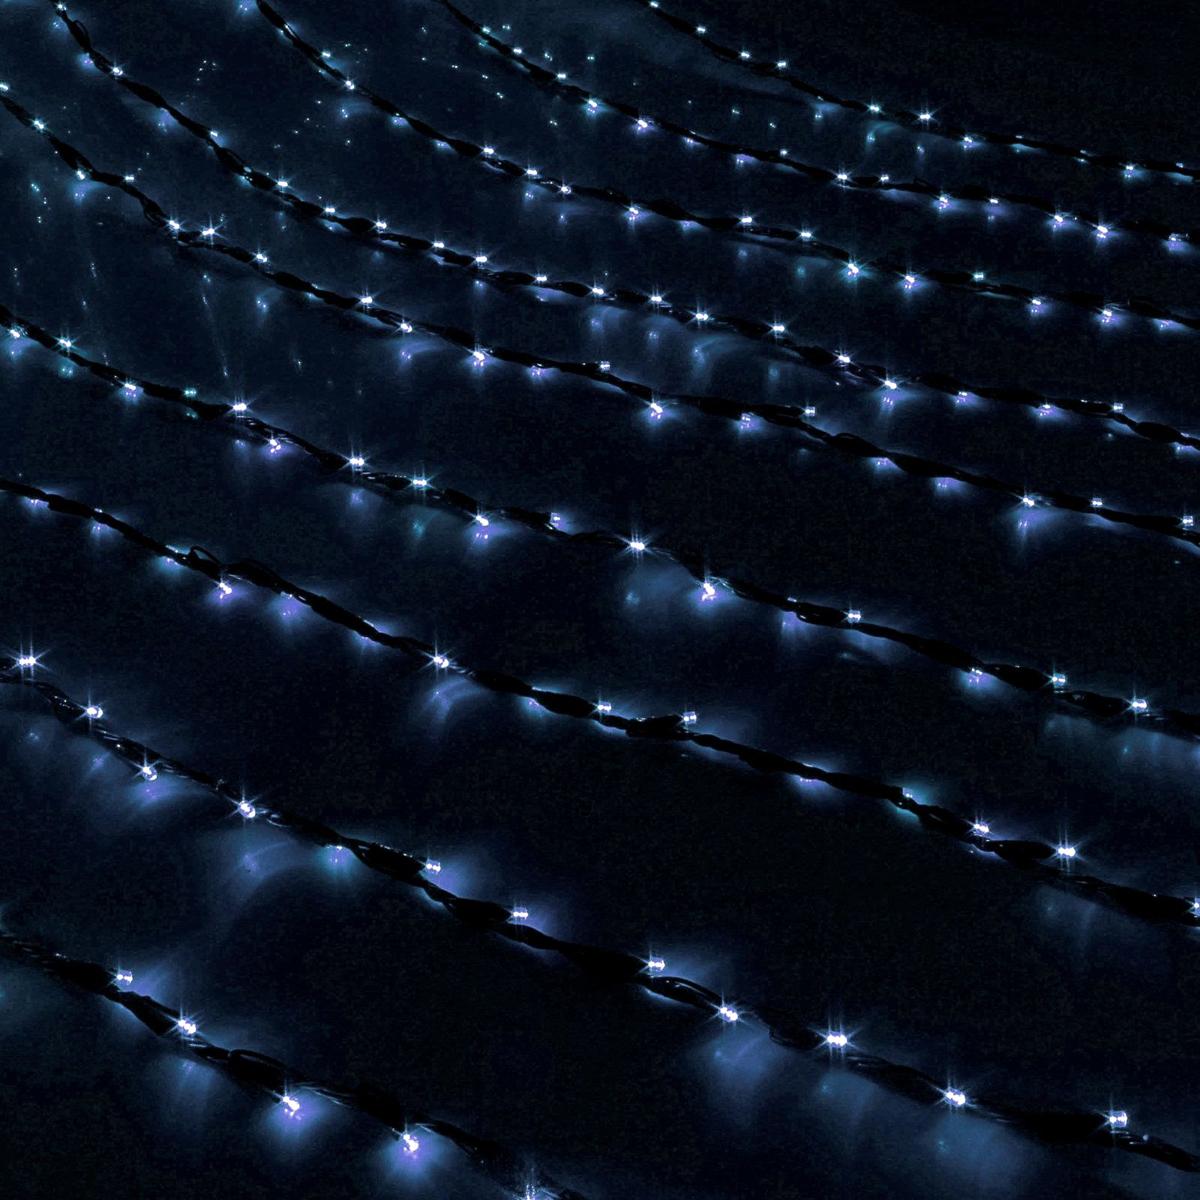 Гирлянда светодиодная Luazon Дождь, уличная, 8 режимов, 1500 ламп, 220 V, цвет: белый, 2 х 6 м. 706349706349Светодиодные гирлянды, ленты и т.д — это отличный вариант для новогоднего оформления интерьера или фасада. С их помощью помещение любого размера можно превратить в праздничный зал, а внешние элементы зданий, украшенные ими, мгновенно станут напоминать очертания сказочного дворца. Такие украшения создают ауру предвкушения чуда. Деревья, фасады, витрины, окна и арки будто специально созданы, чтобы вы украсили их светящимися нитями.